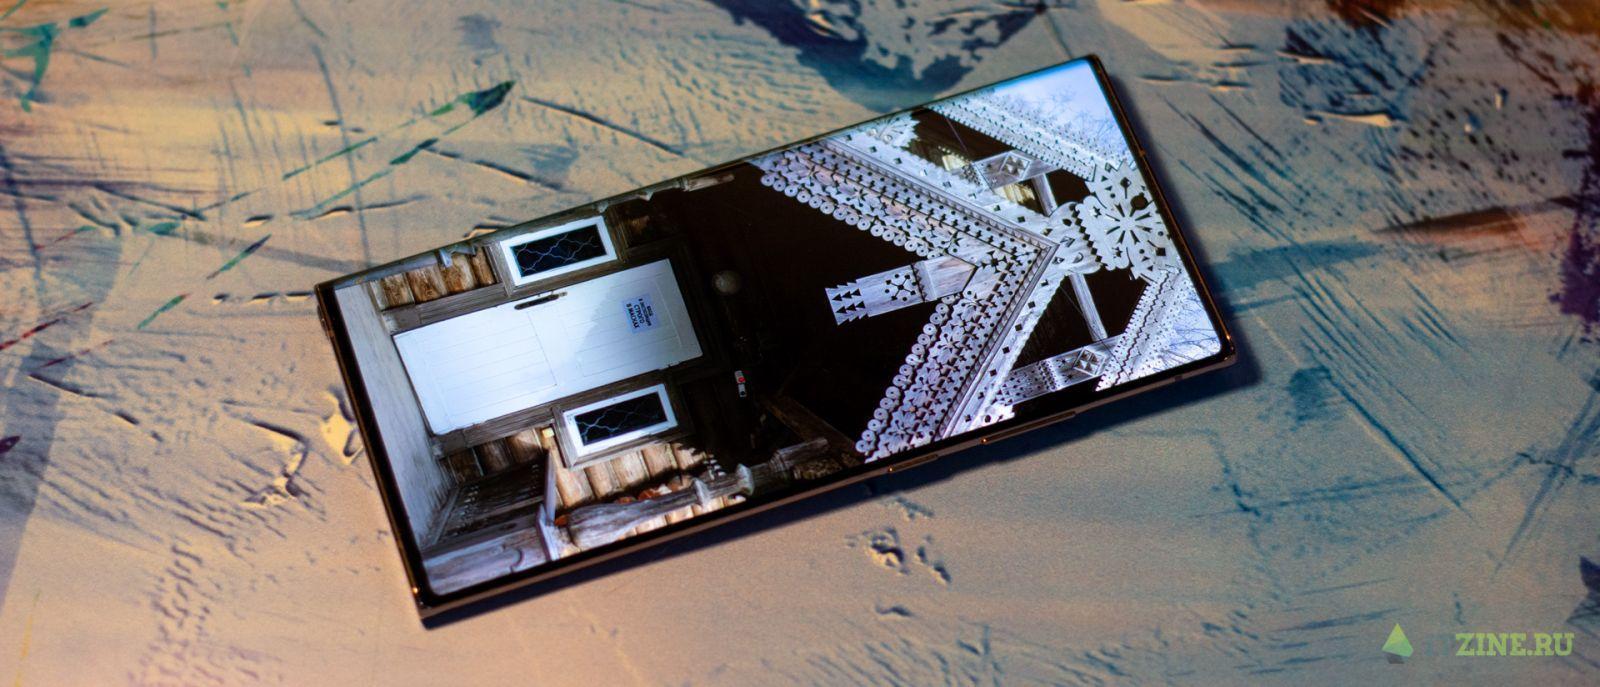 Архитектура на дисплее Samsung Galaxy Note20 Ultra